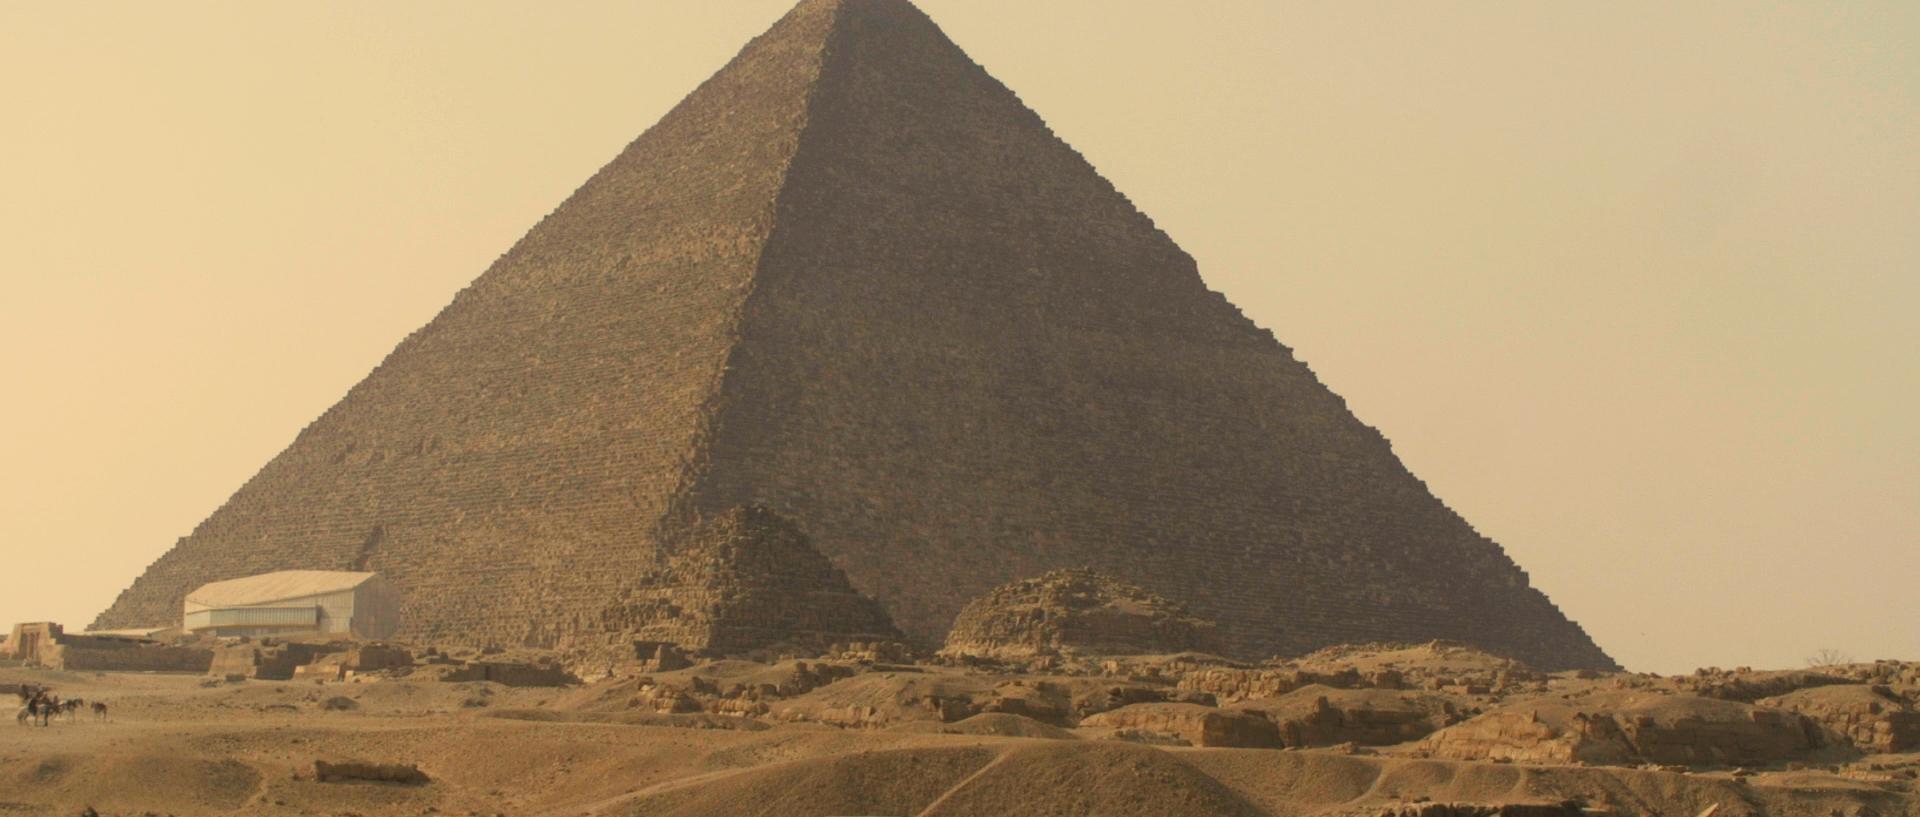 Sara al arab land rover_1.125.2.jpg